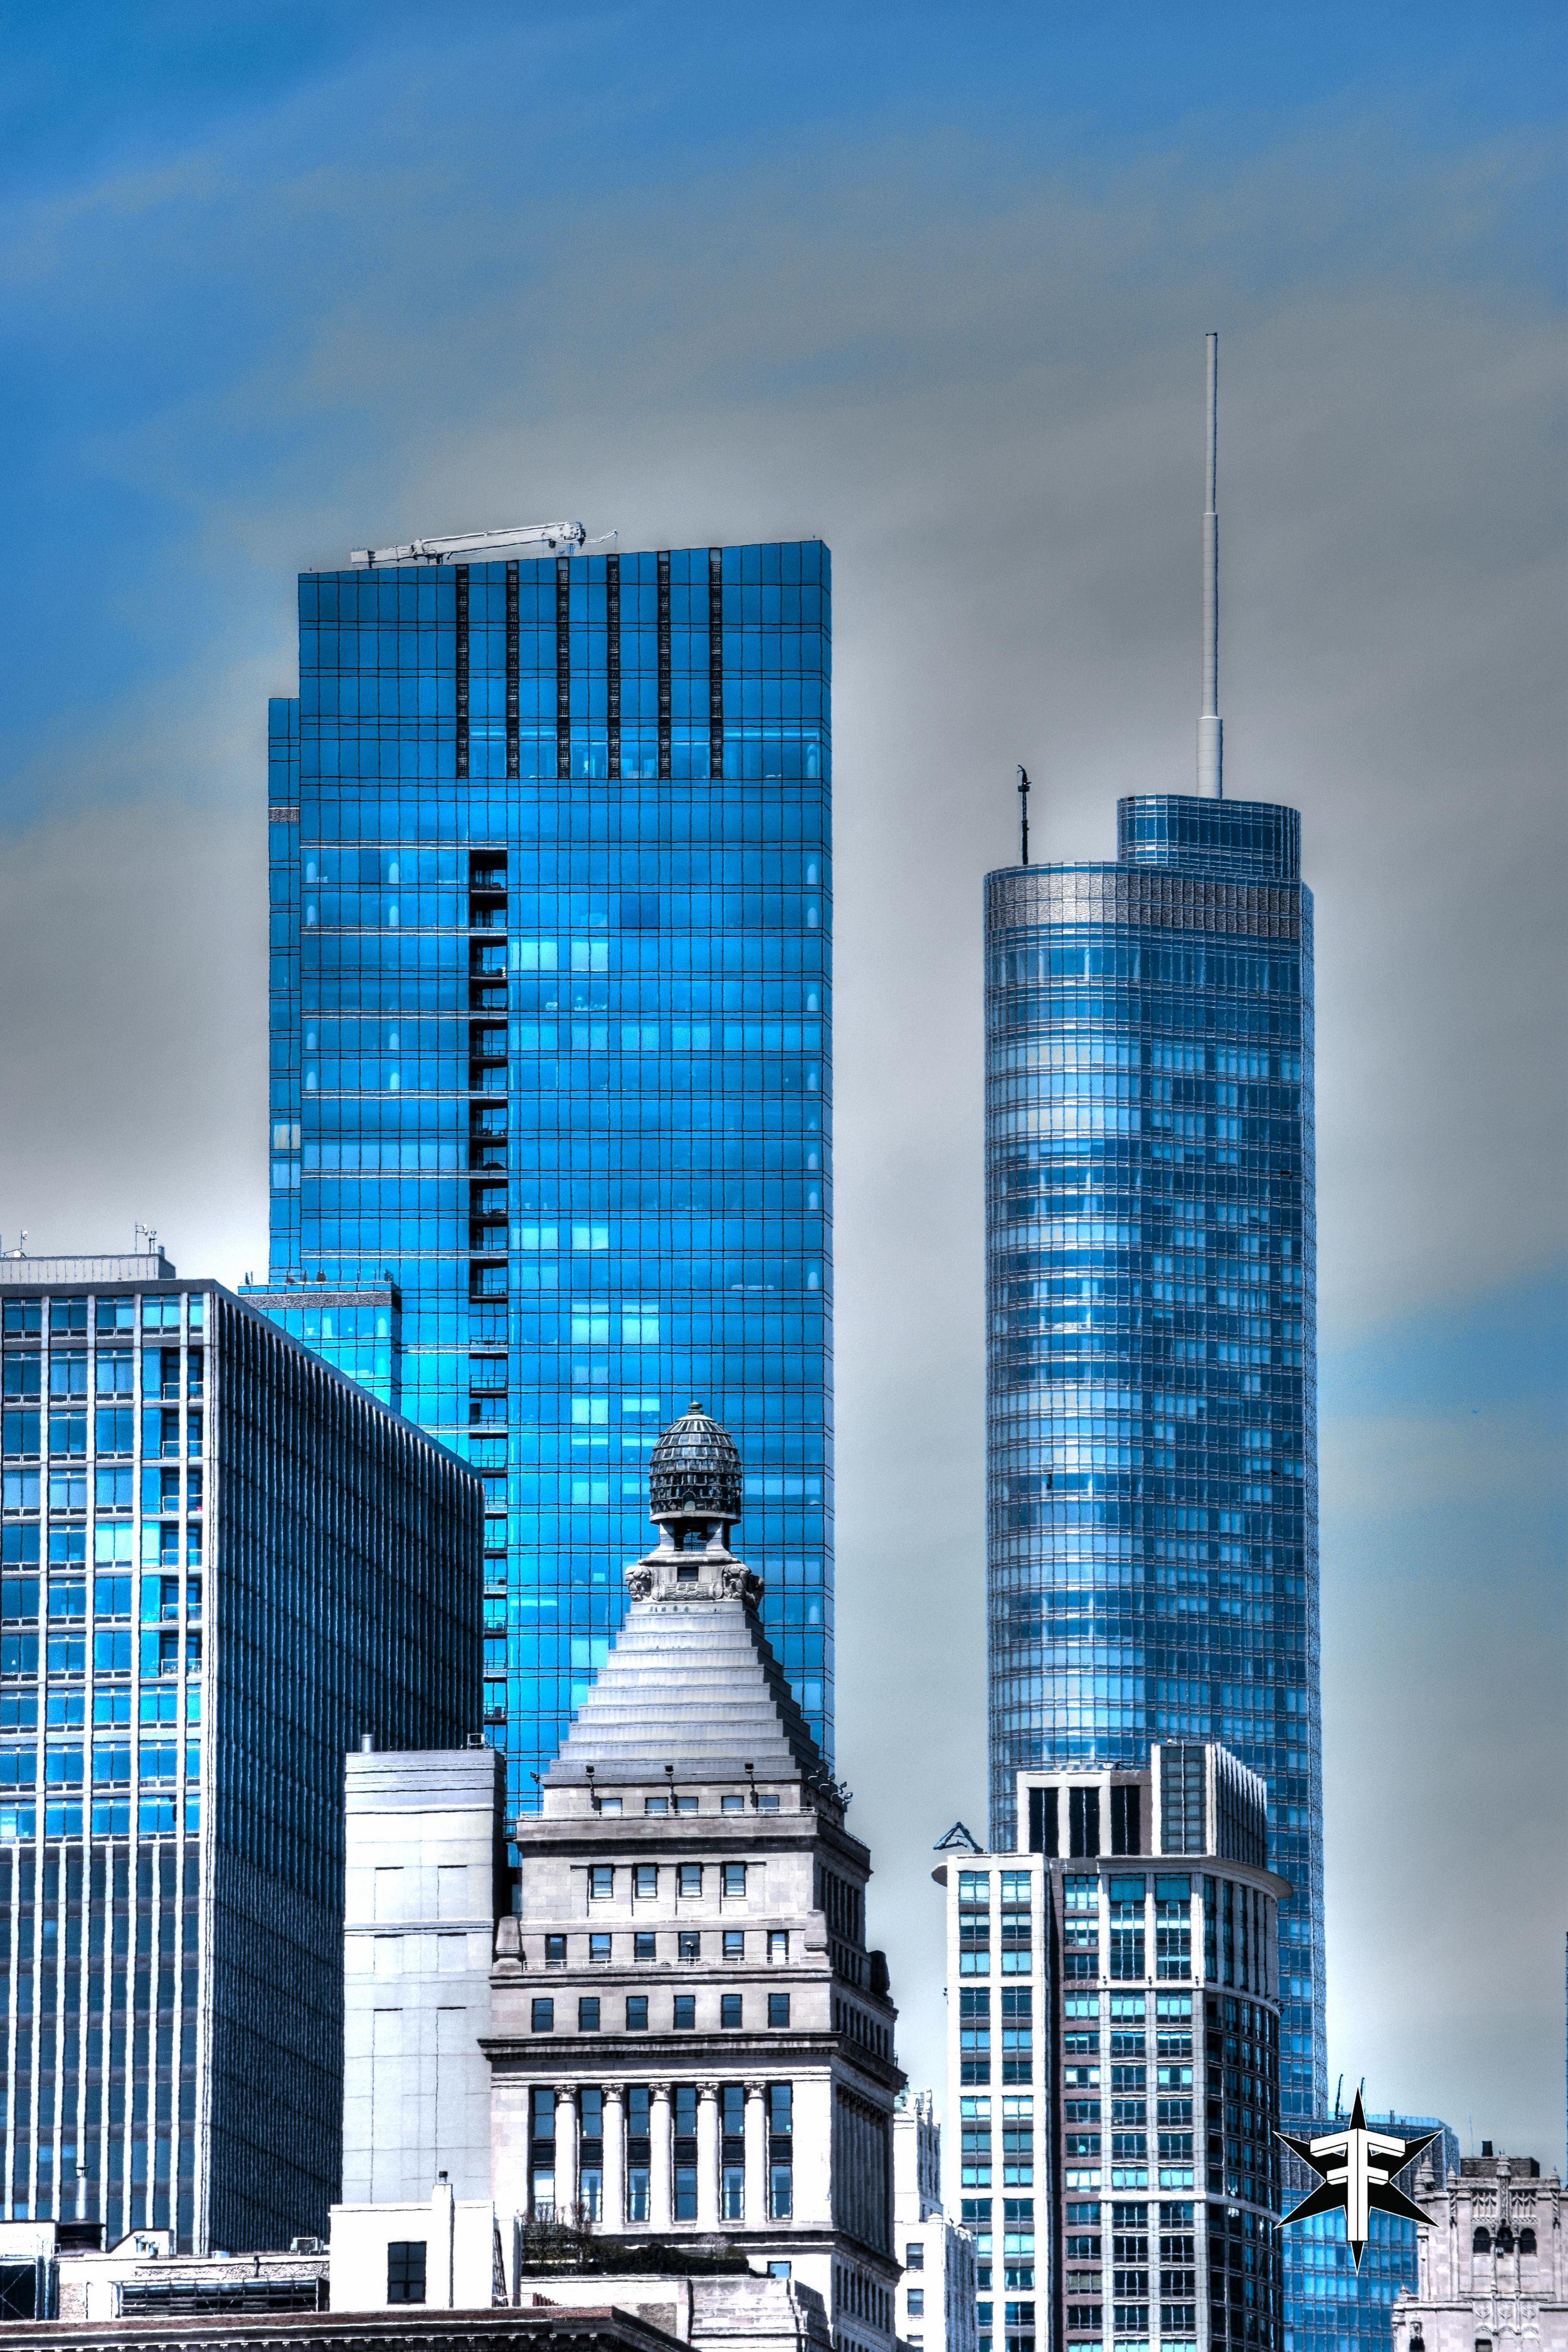 chicago architecture eric formato photography design arquitectura architettura buildings skyscraper skyscrapers-74.jpg